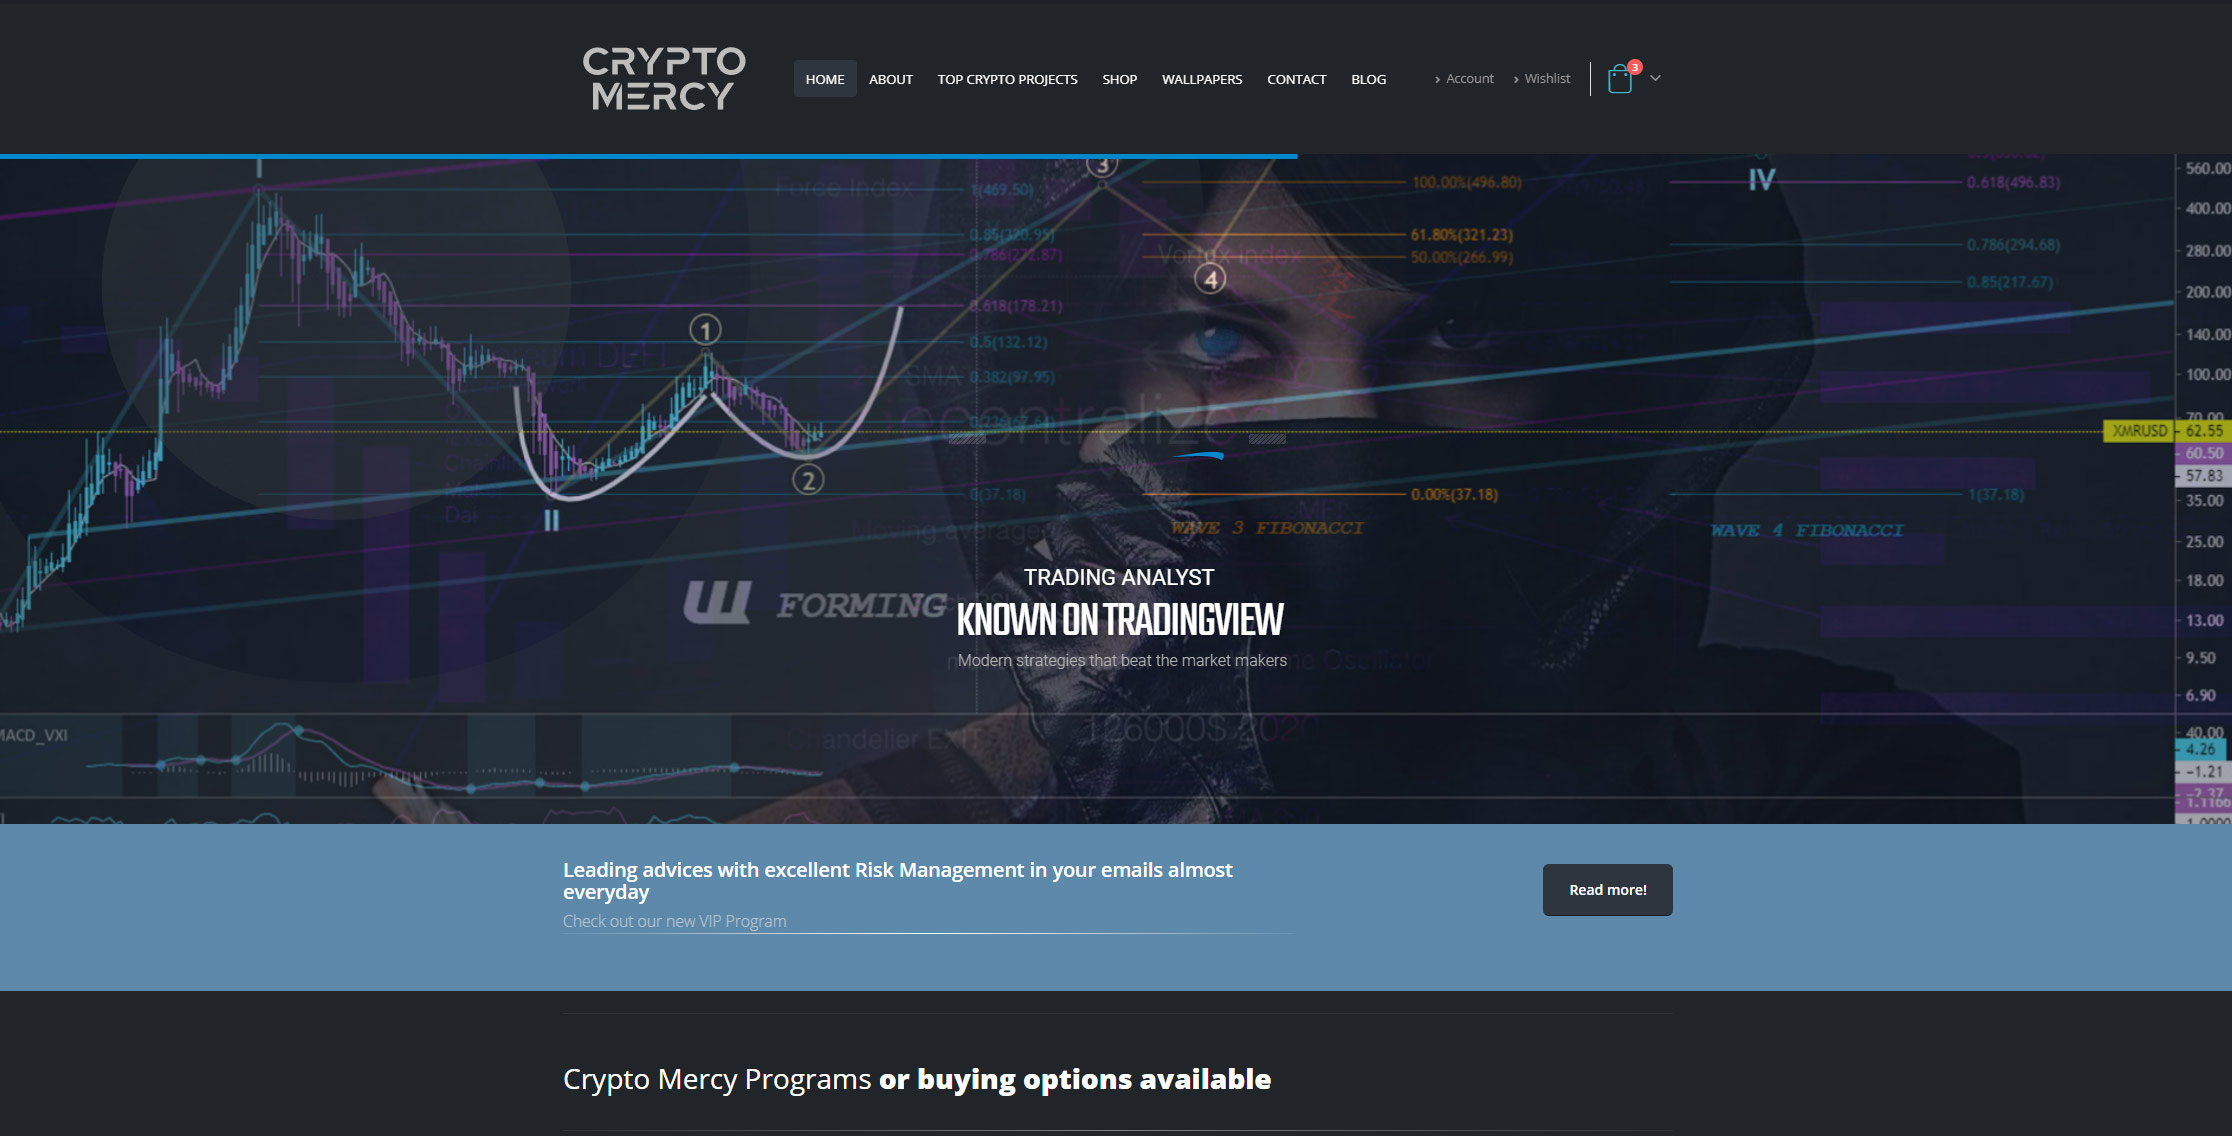 crypto mercy Top trading Analyst crypto